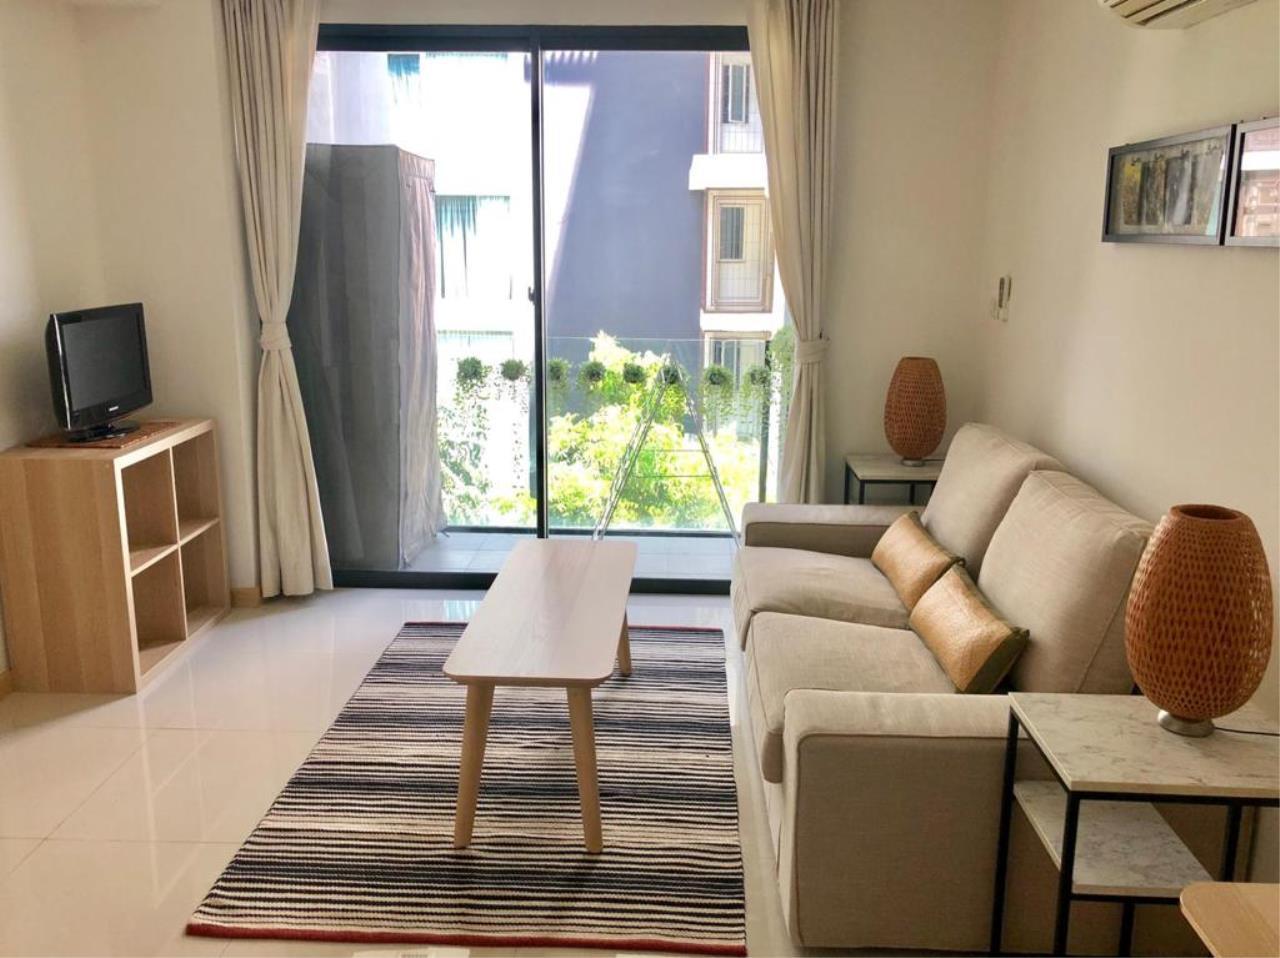 Bangkok Living Home Agency's SOCIO REFERENCE 61 15